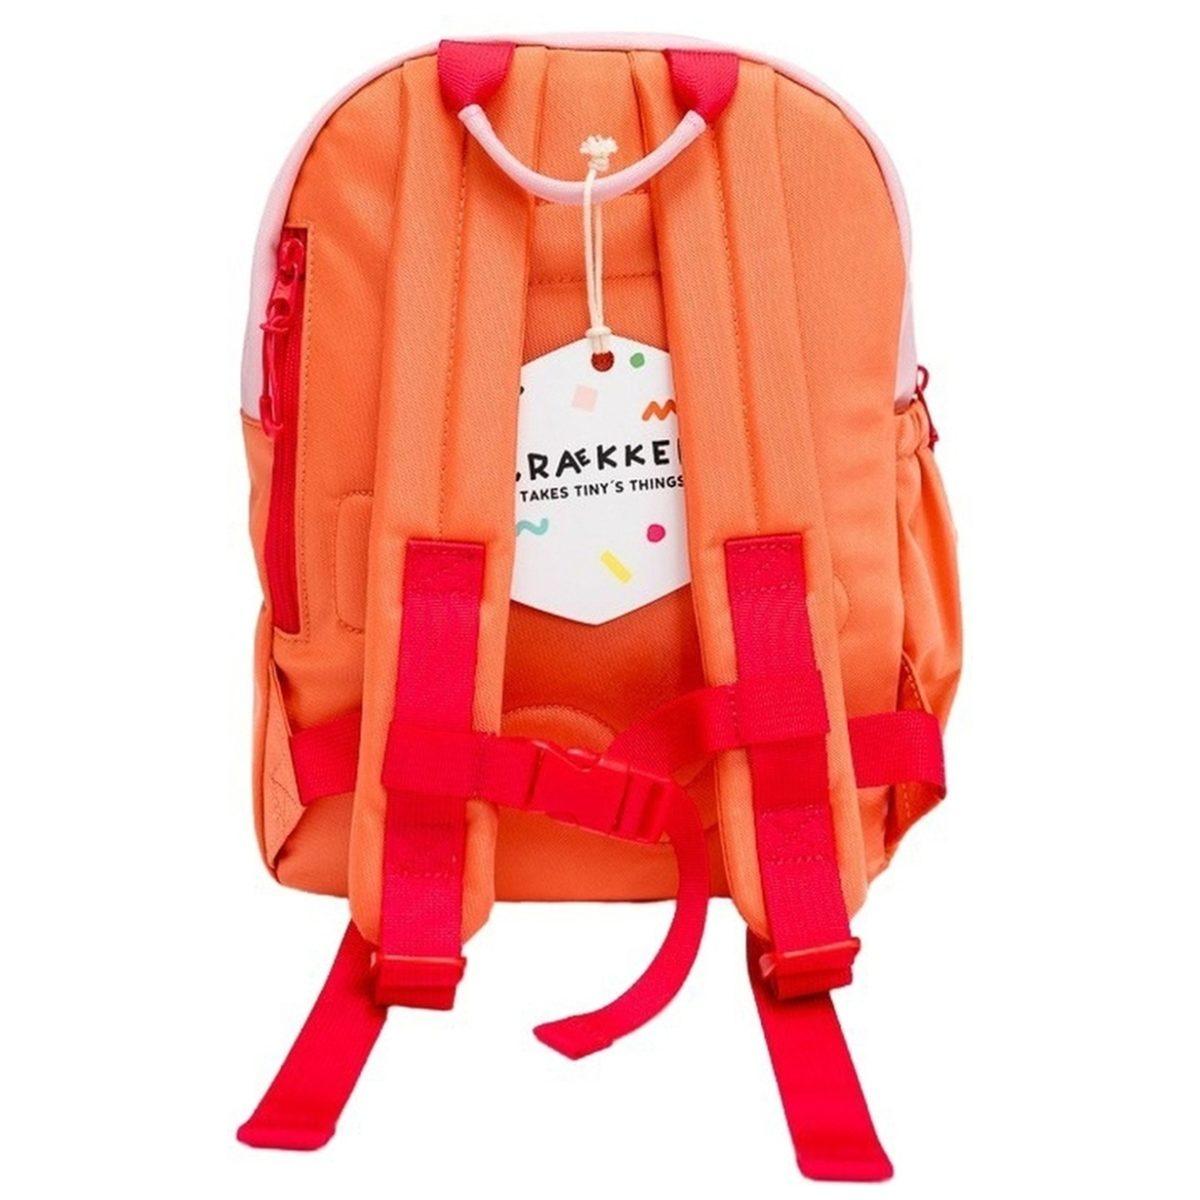 Kids Backpack ROOK - Pink - Orange - Fuchsia